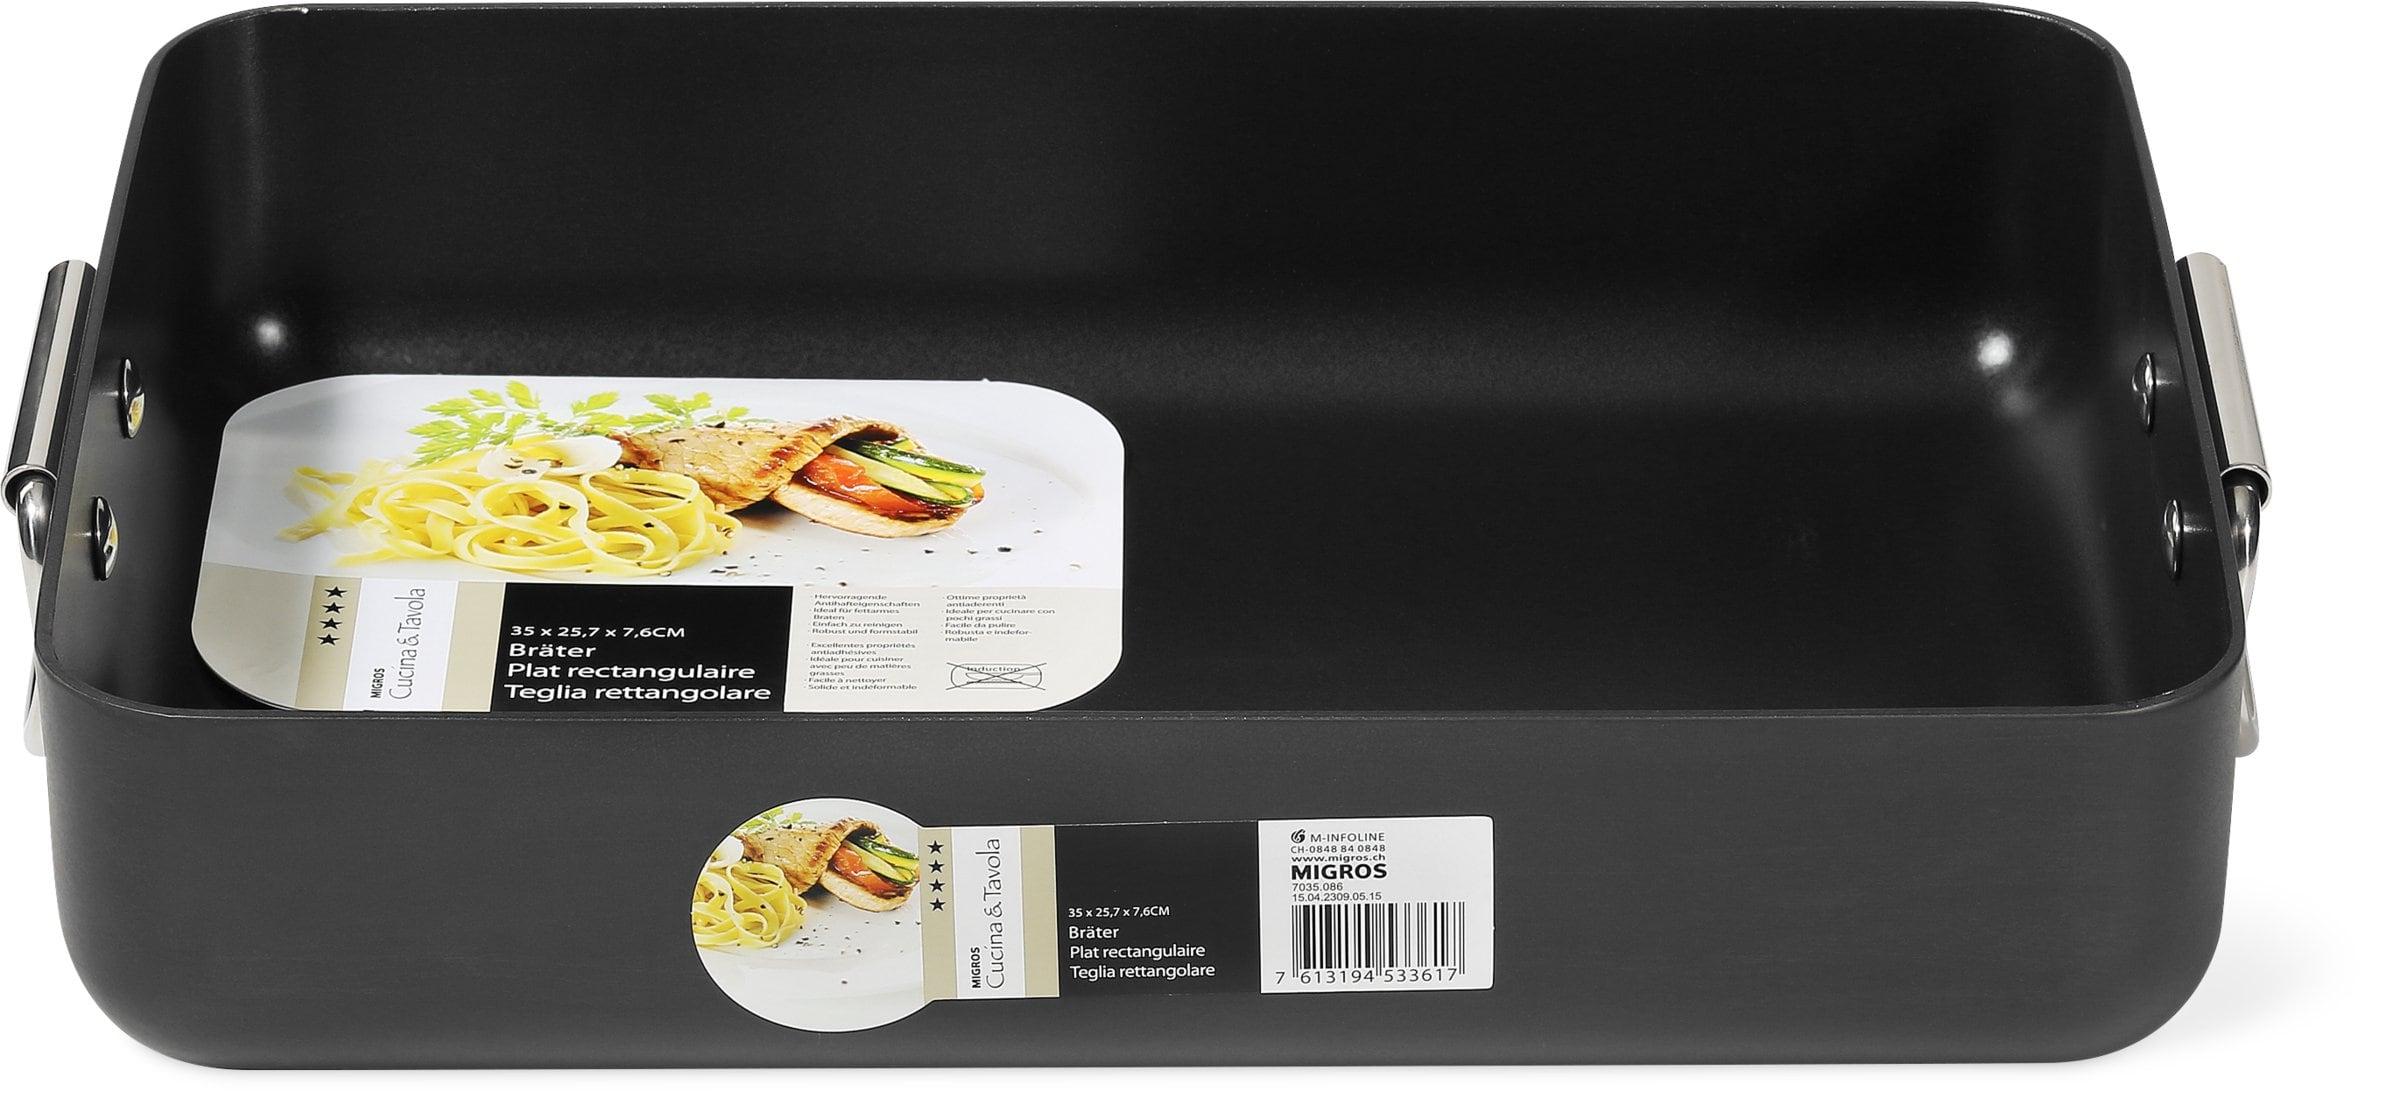 Cucina & Tavola Teglia rettangolare